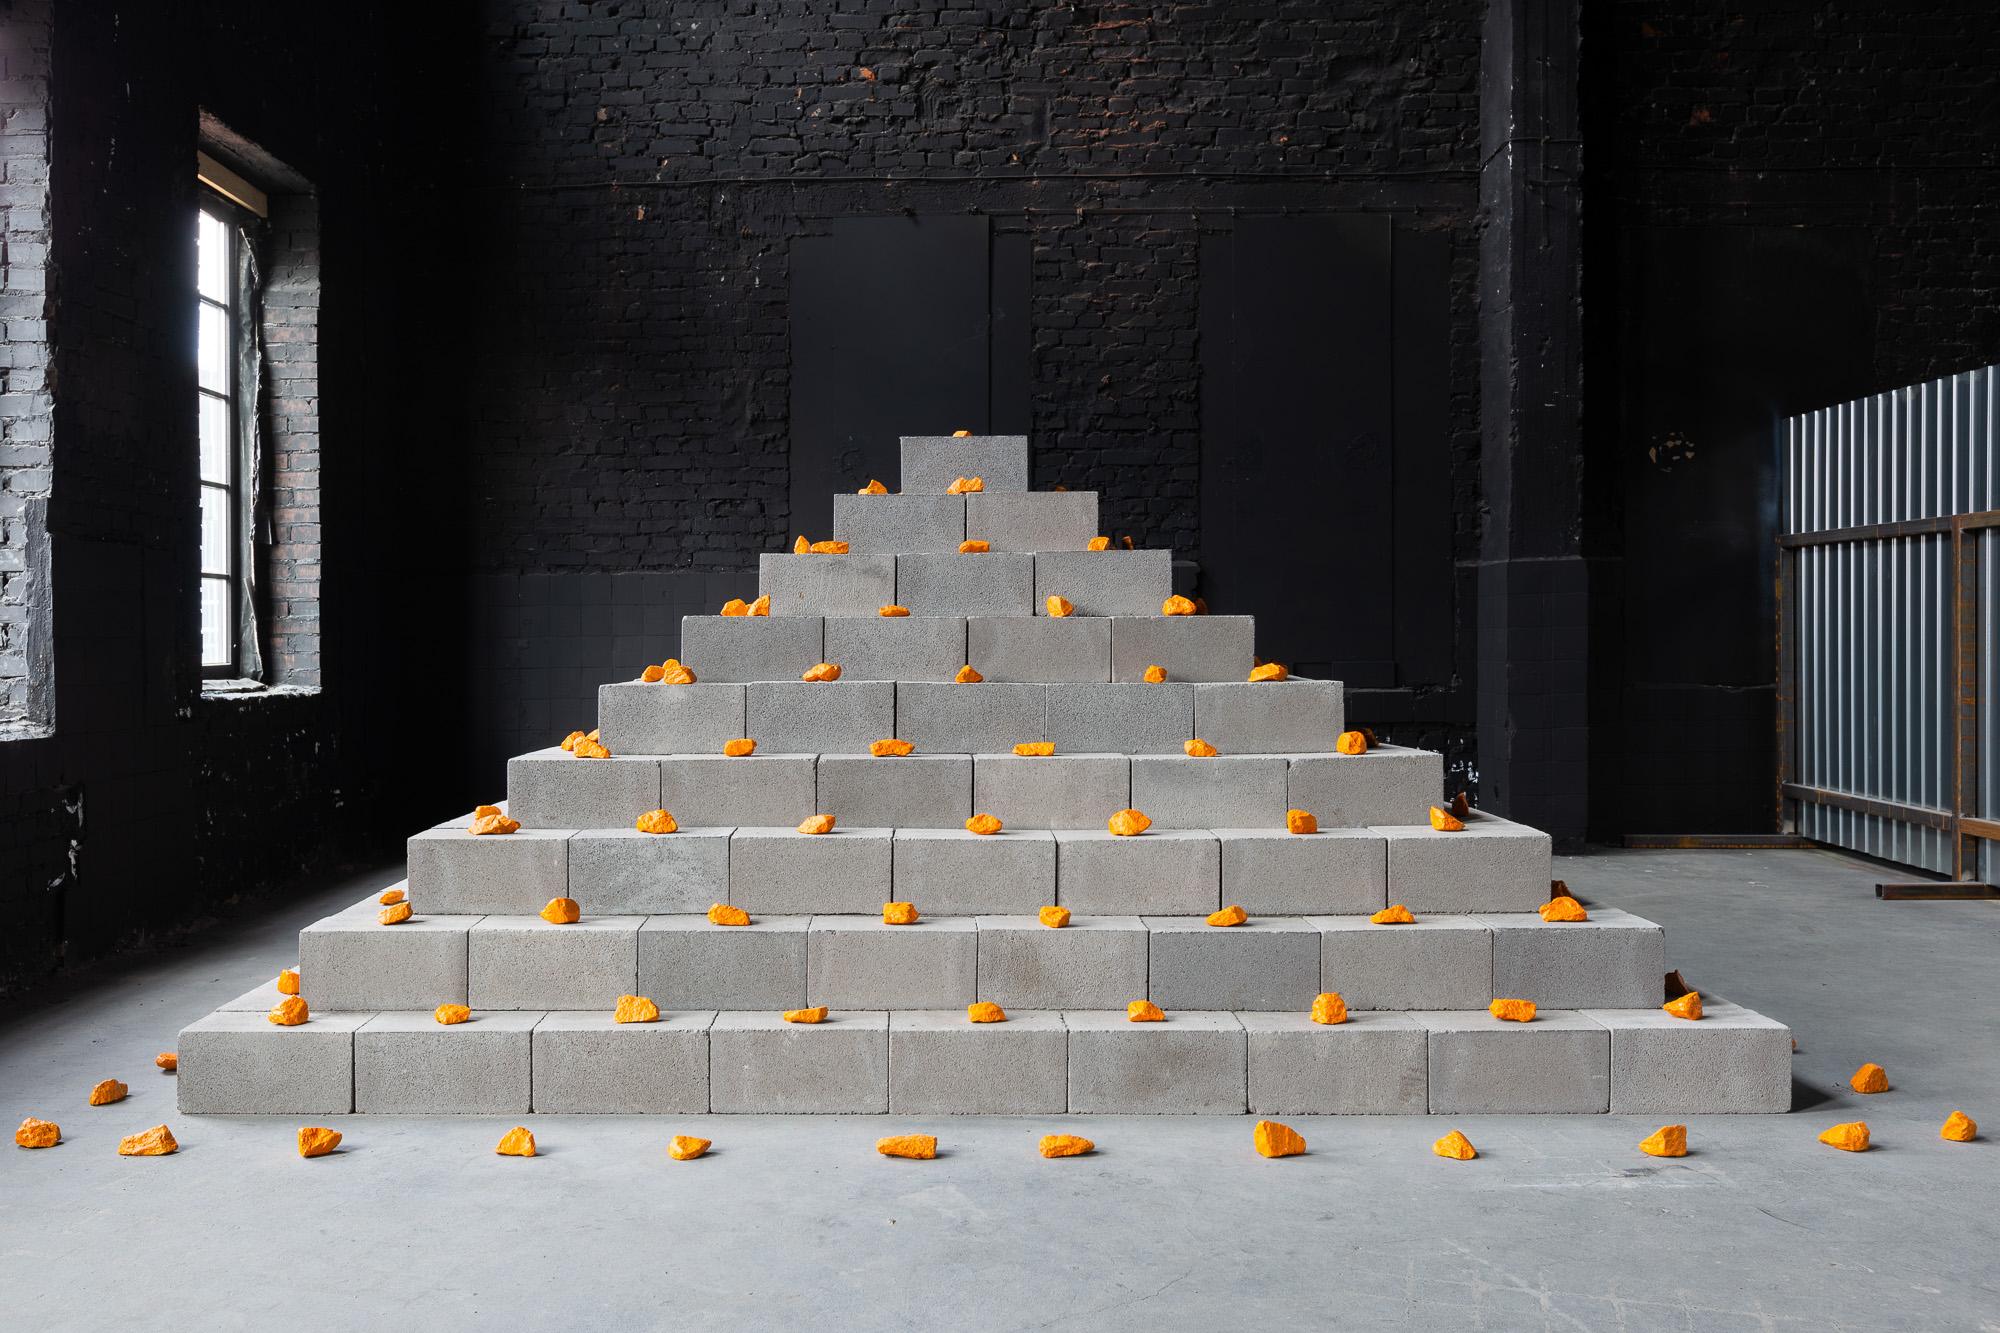 <b>Зиккурат: Упорядочение хаоса.</b> Эрик Железка. Выставка «Убежище». Музей стрит-арта. 2021. Фото: Егор Цветков